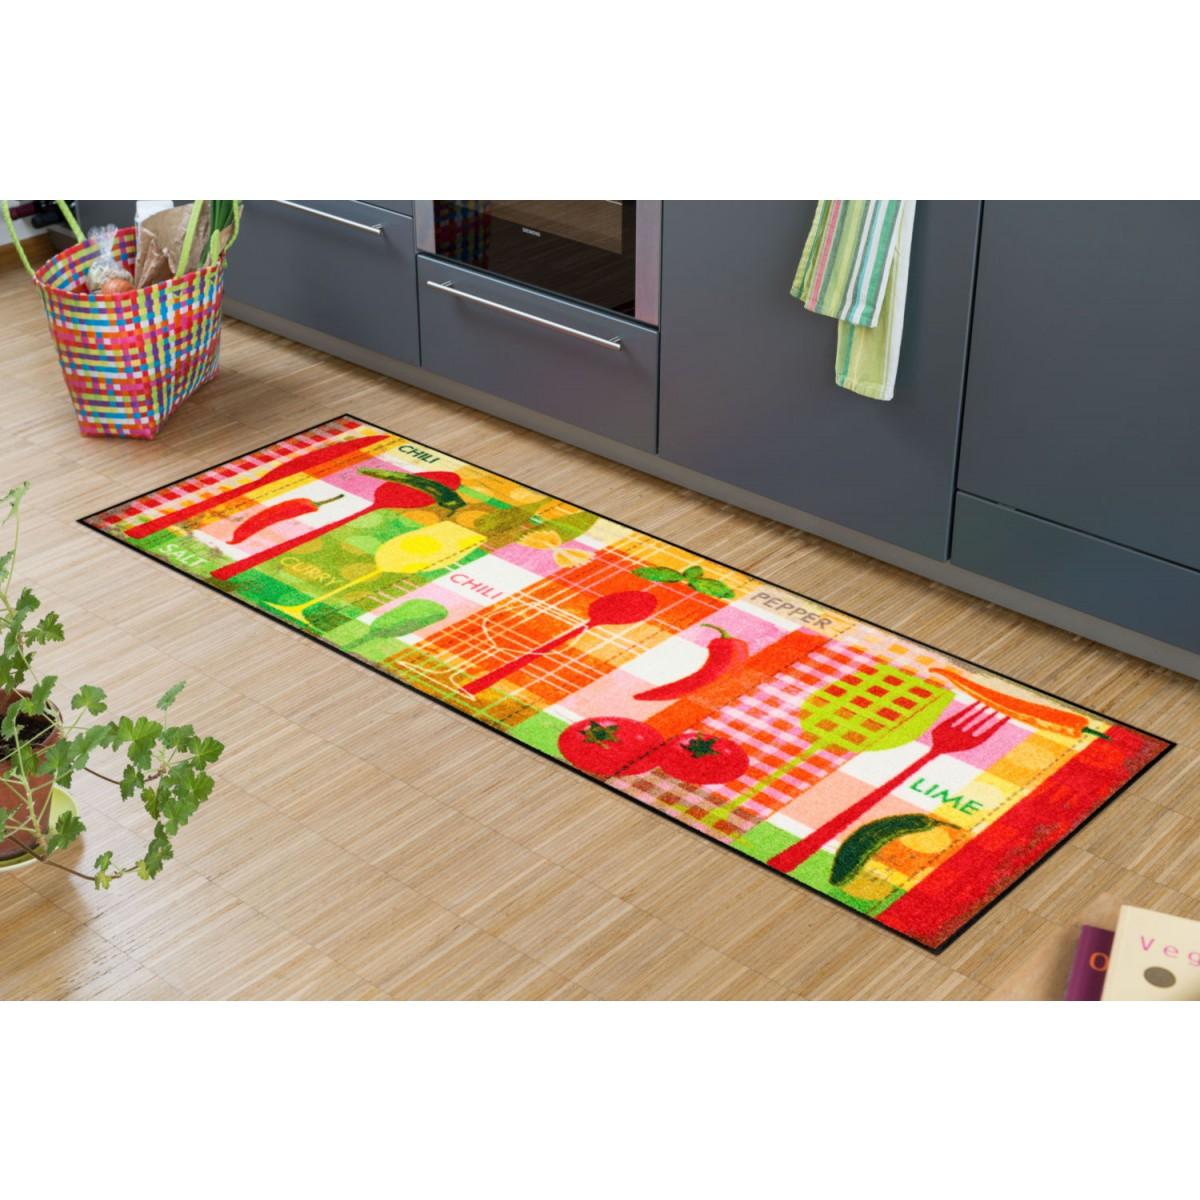 küchenläufer kitchen collage von salonlöwe kaufen mattenkiste